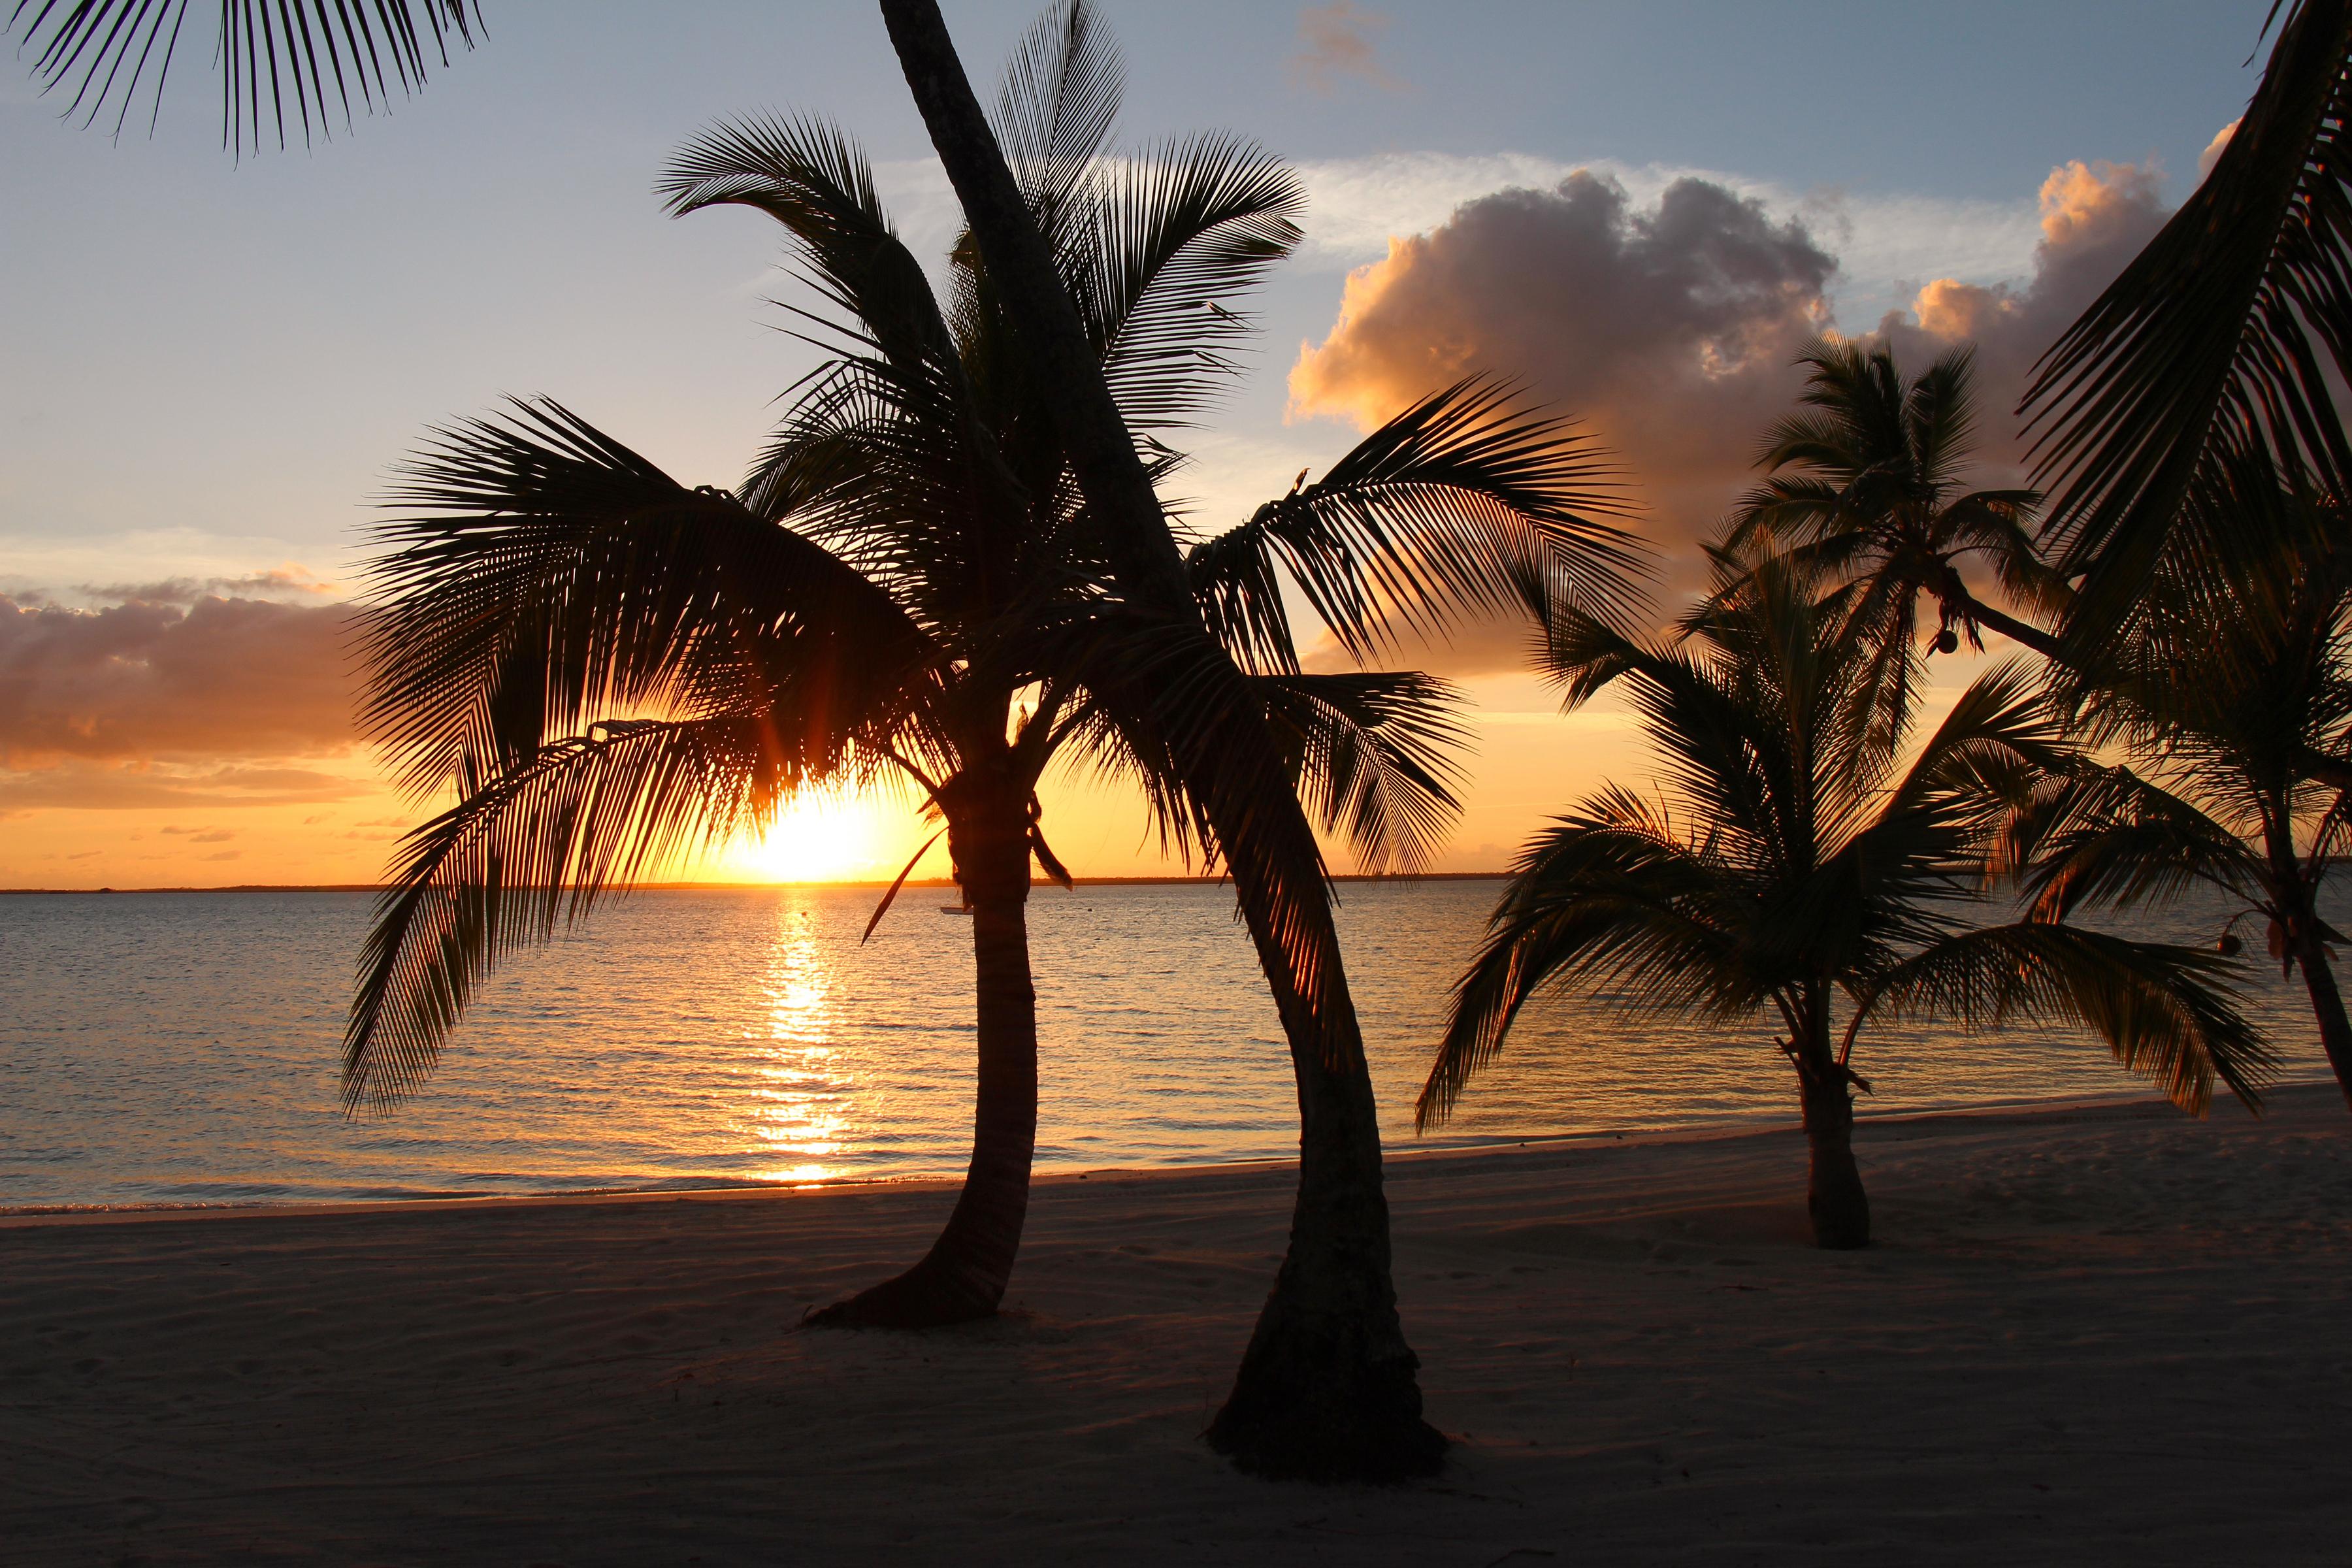 здесь картинки песок вода пальмы белая церковь чёрными